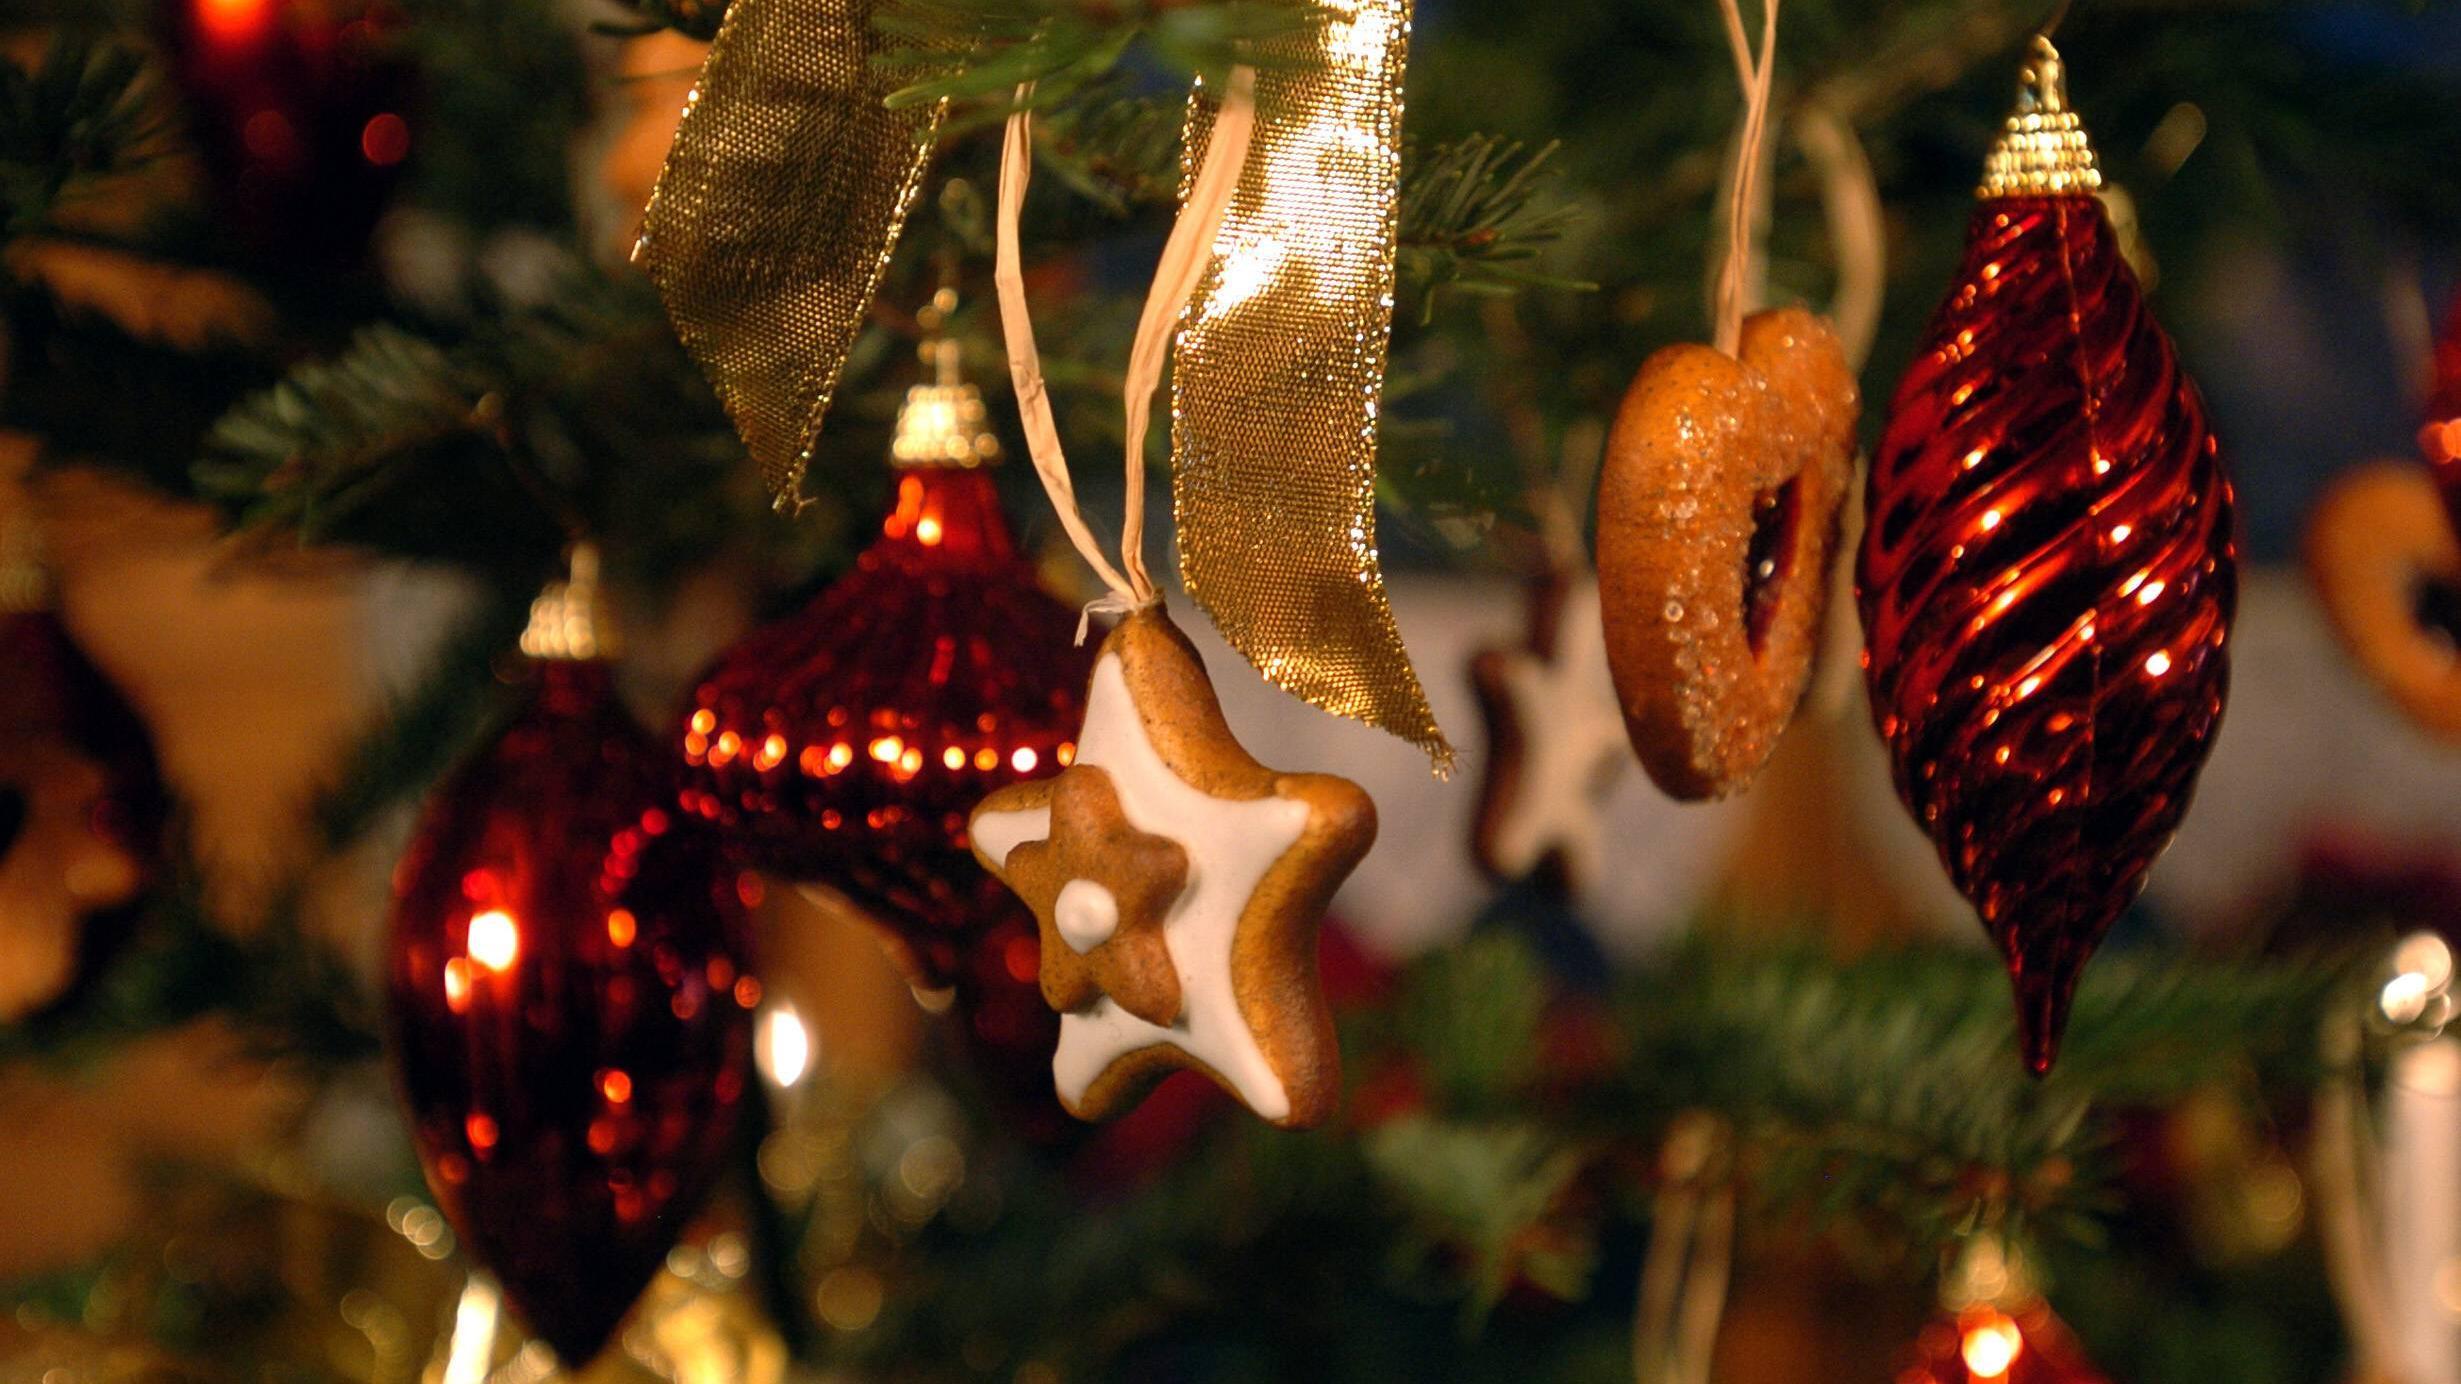 Christbaumschmuck können Sie mit wenigen Utensilien selbst basteln. So bekommt Ihr Baum ein besonders individuelles Aussehen.